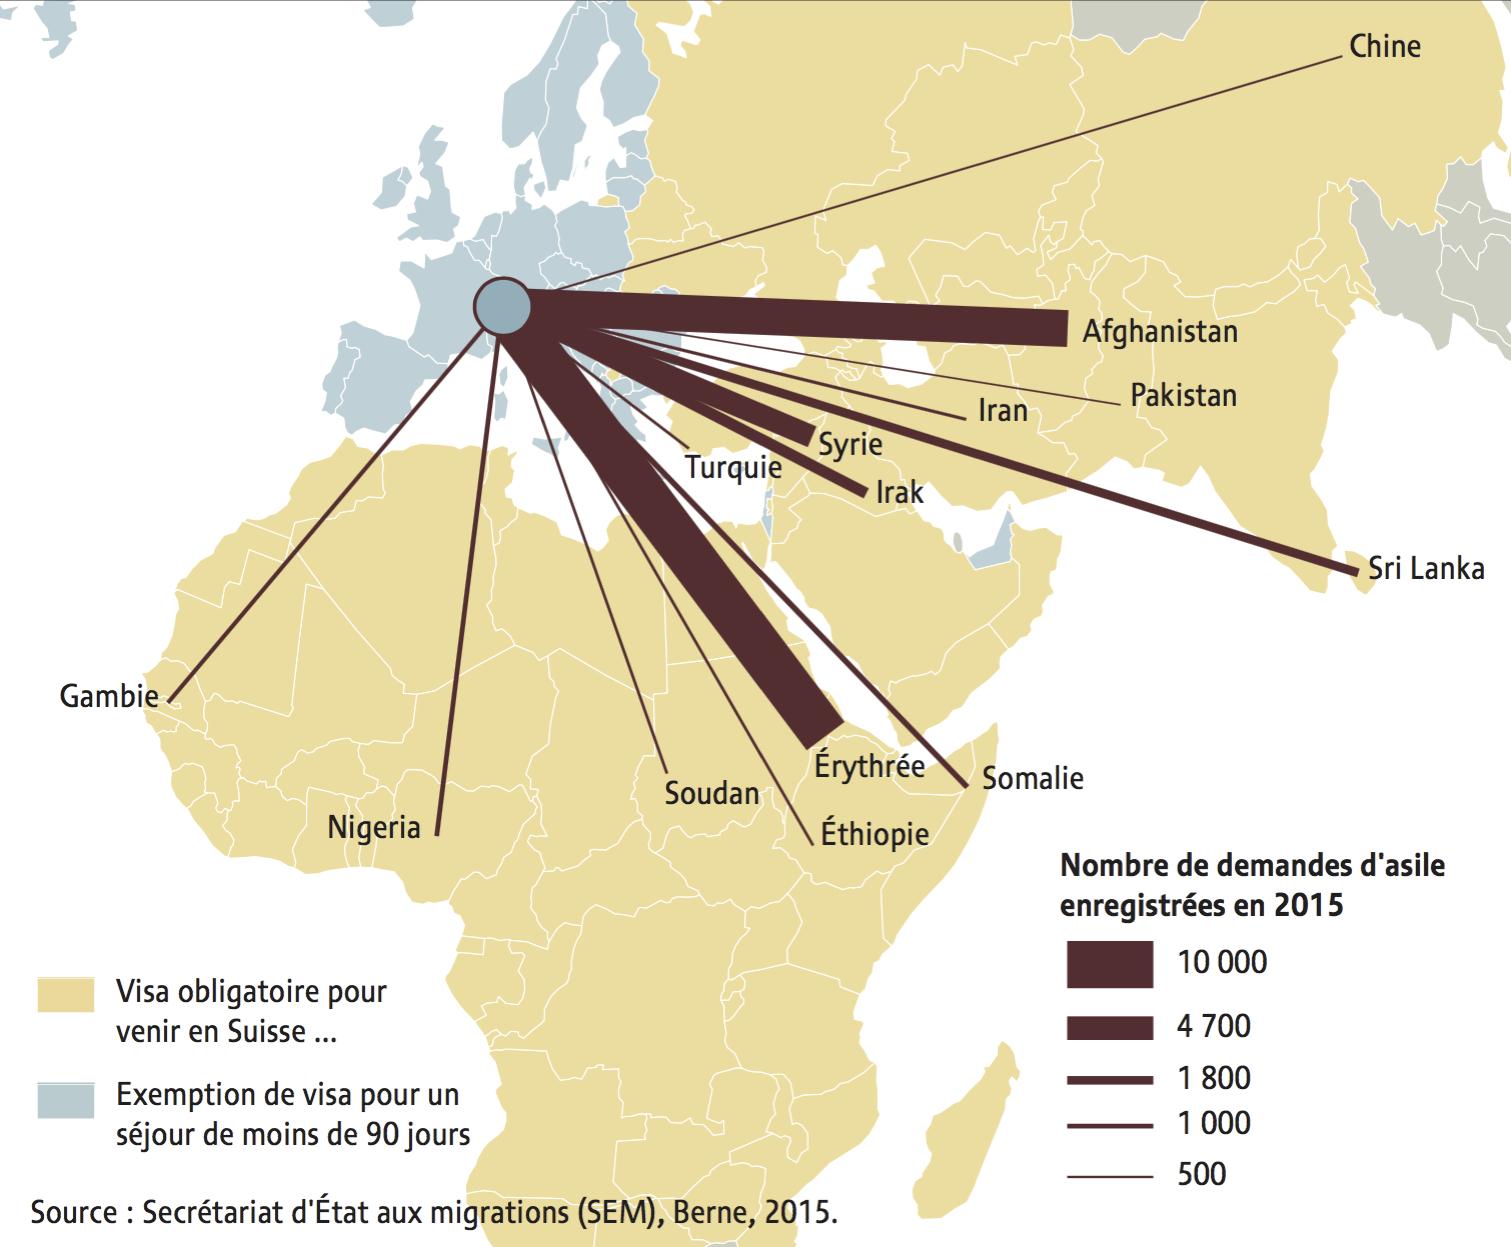 Carte demandes d'asile 2015 - obligation de visas